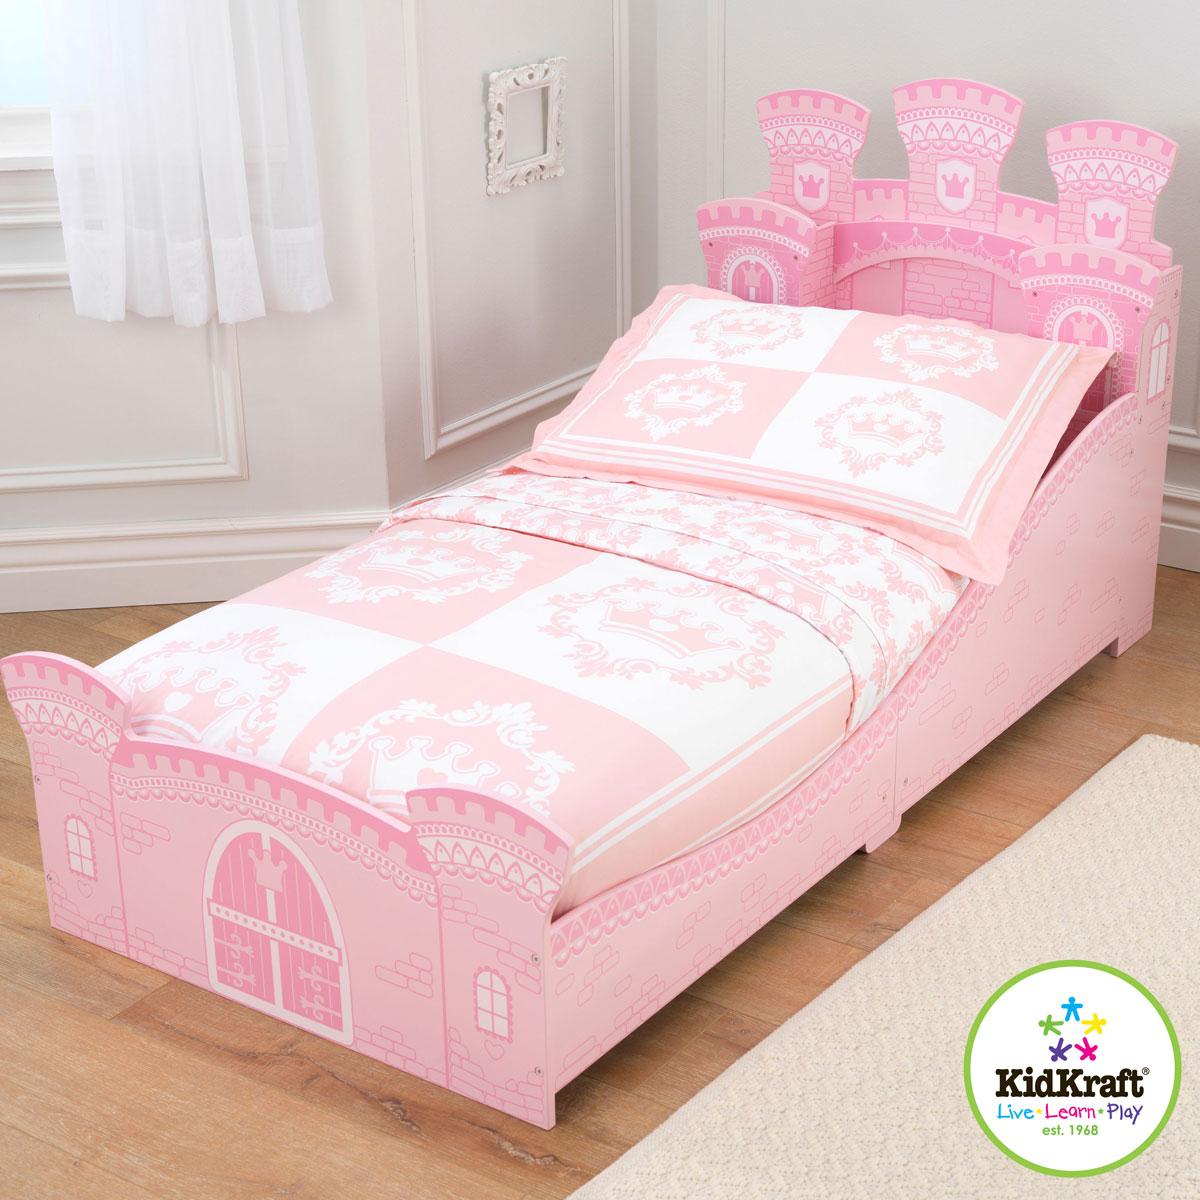 Kidkraft princess castle toddler bed 76278 for Camas grandes